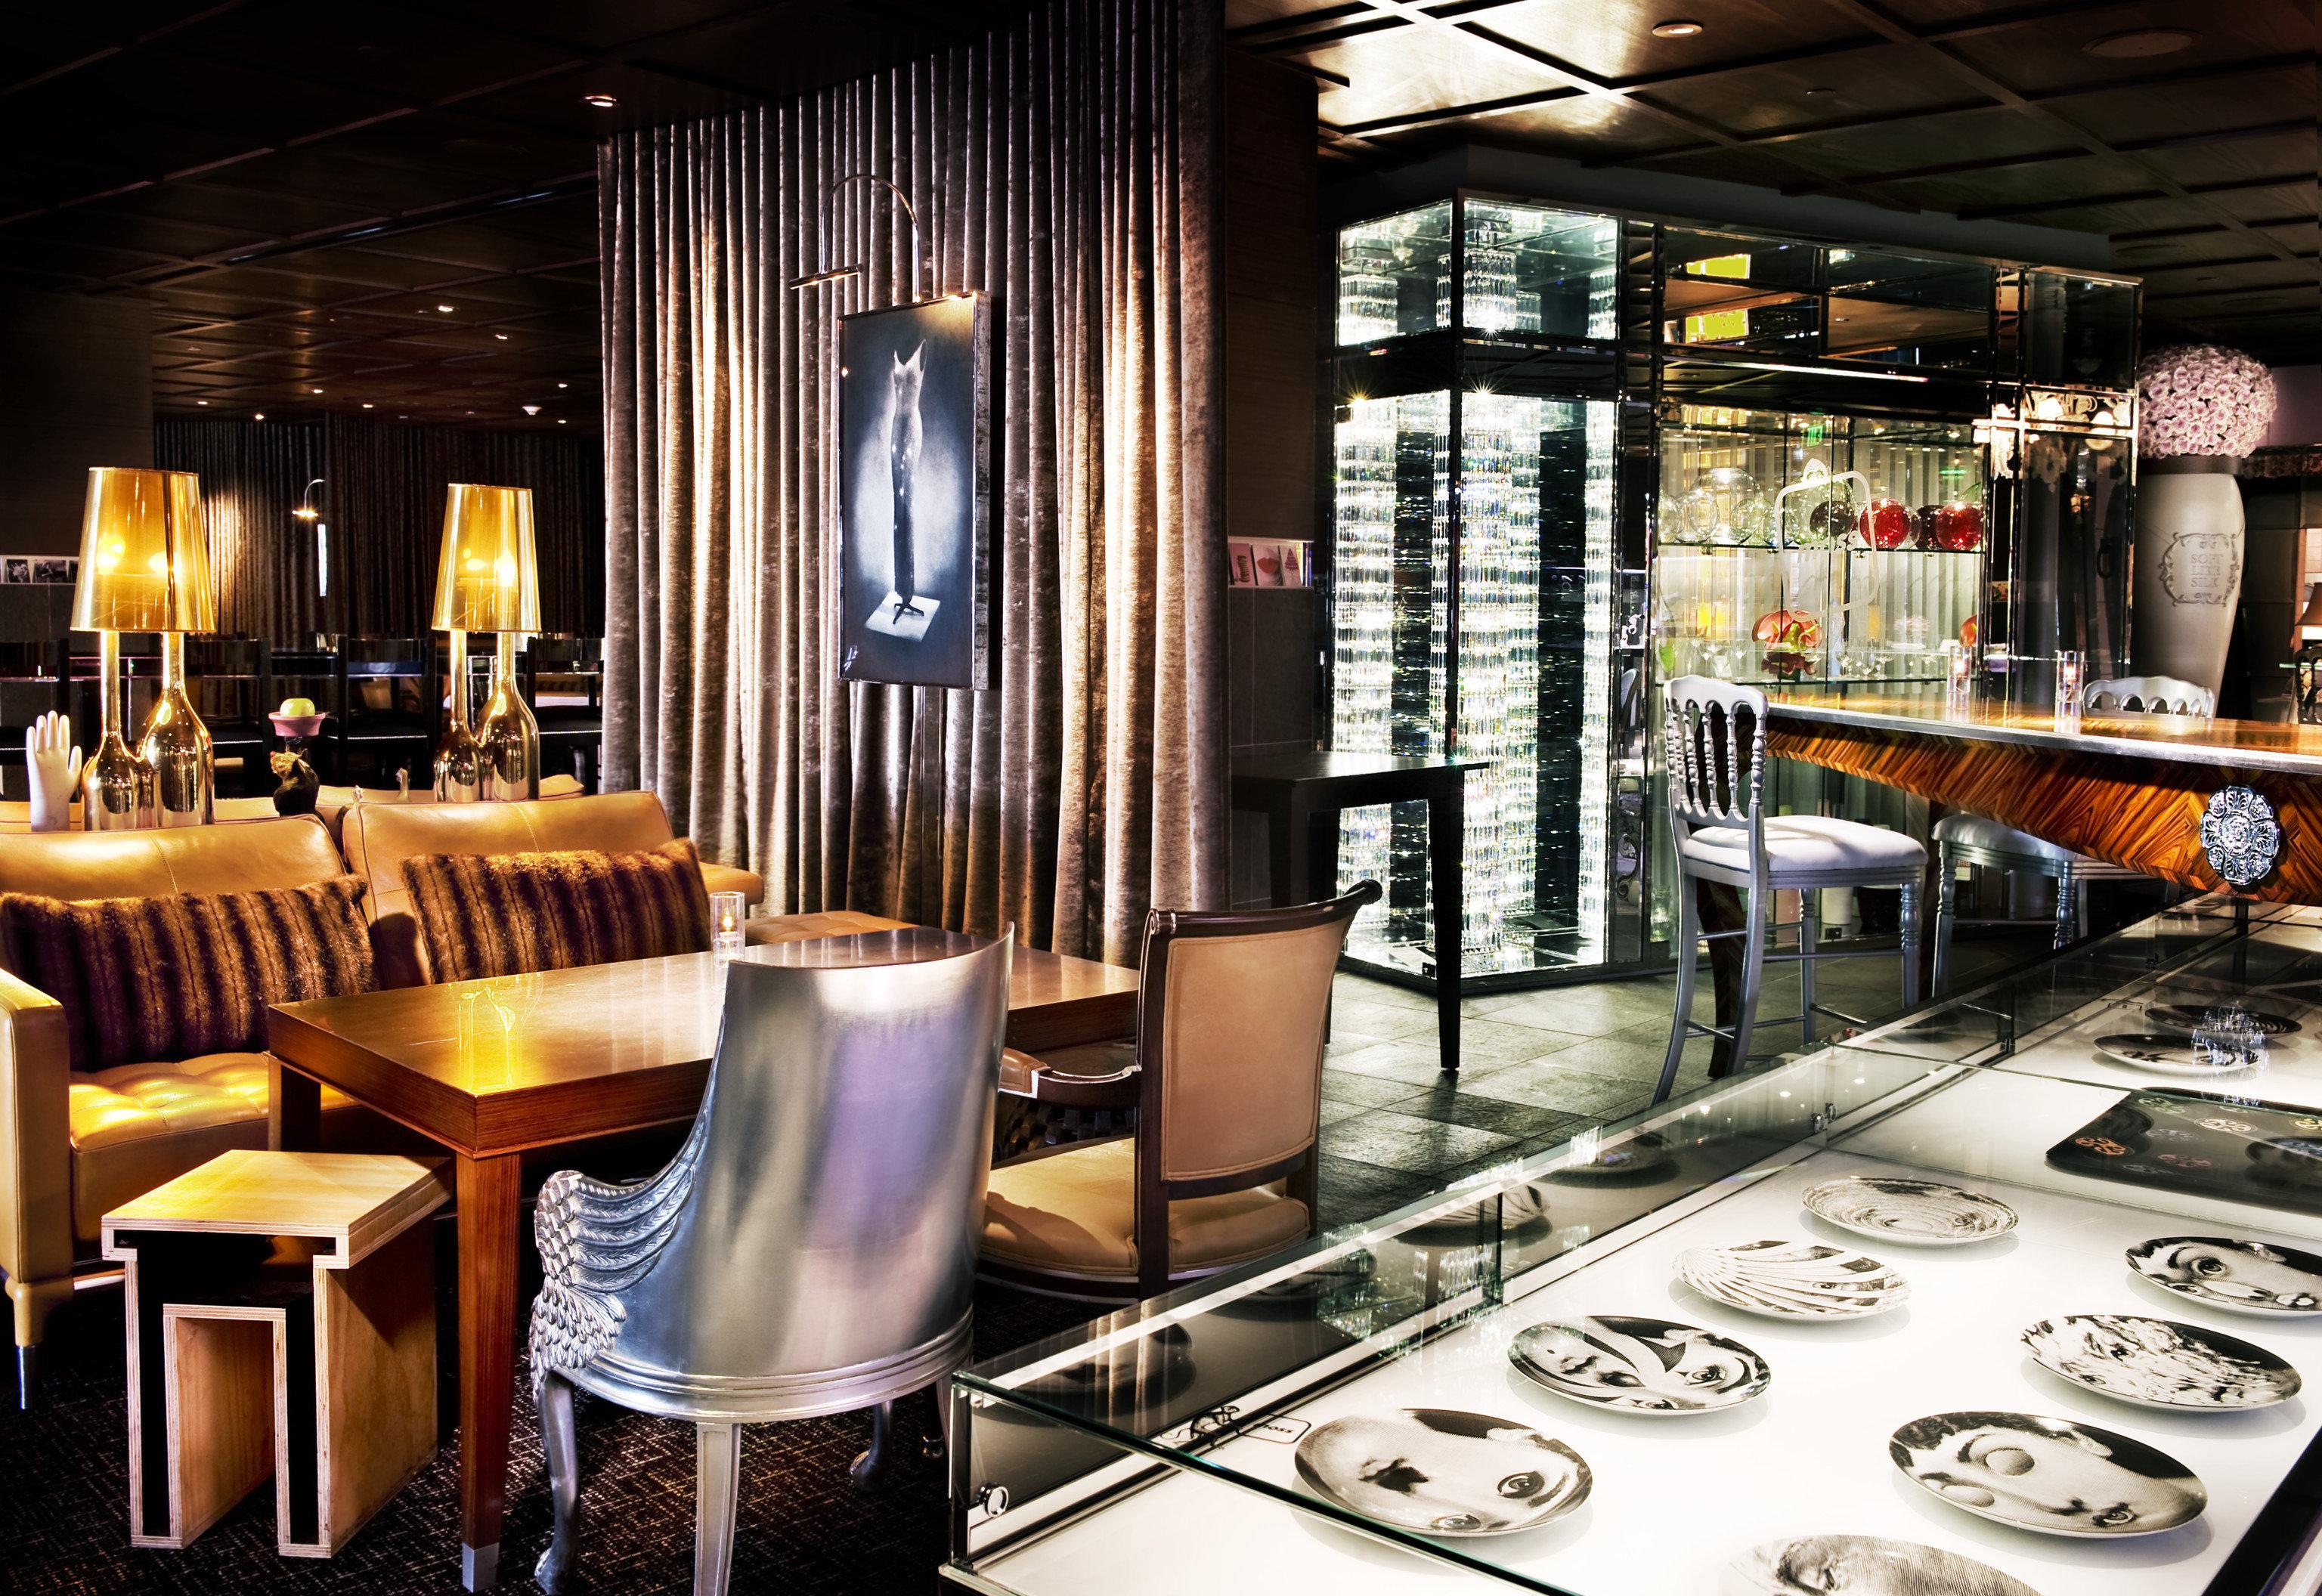 Hotels indoor room restaurant meal Bar interior design Design café several